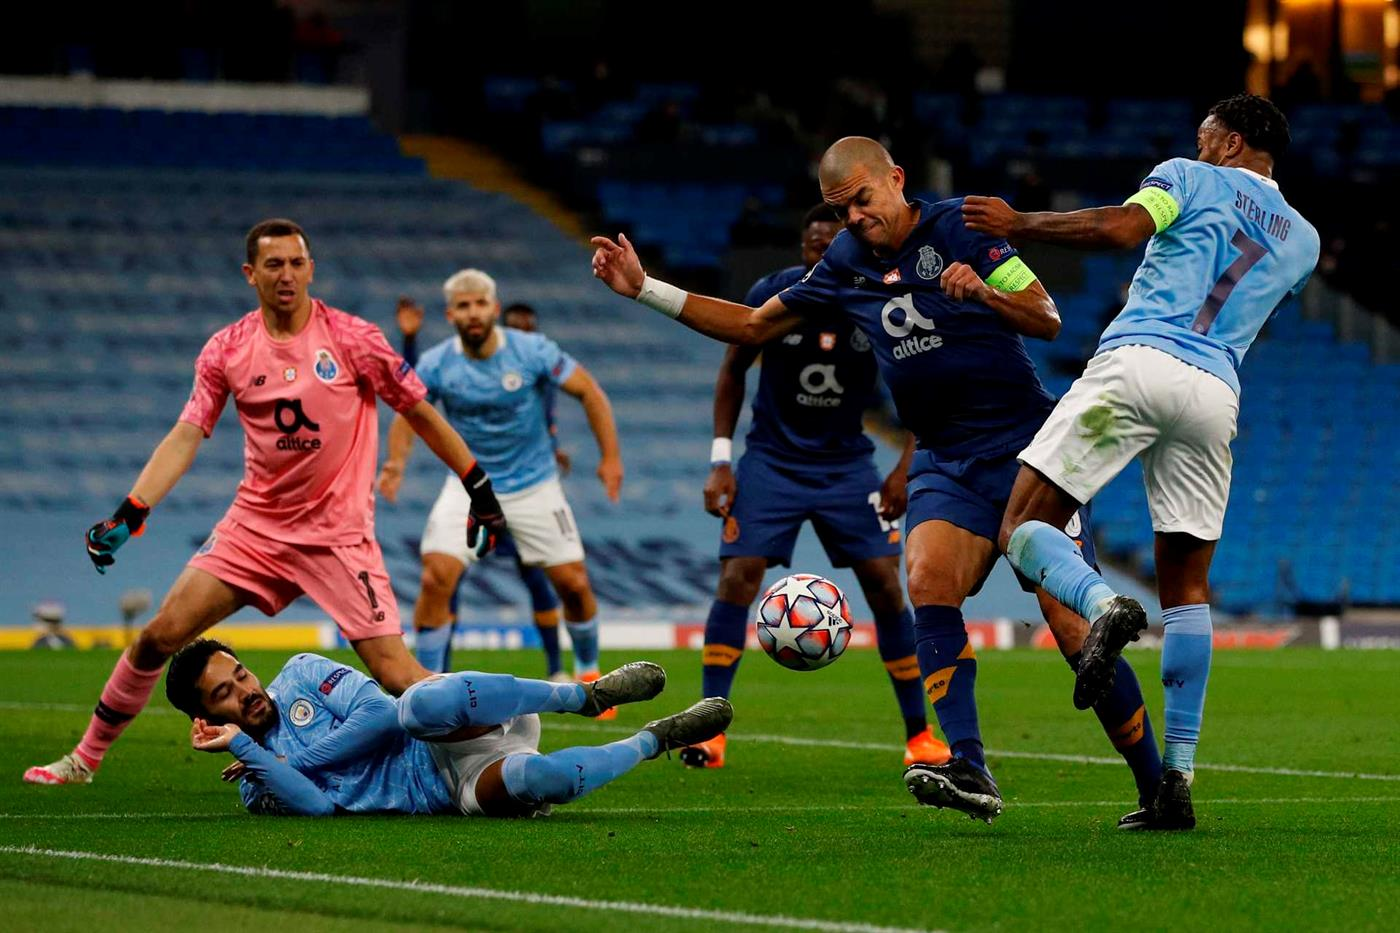 A importância de competir; notas sobre o FC Porto